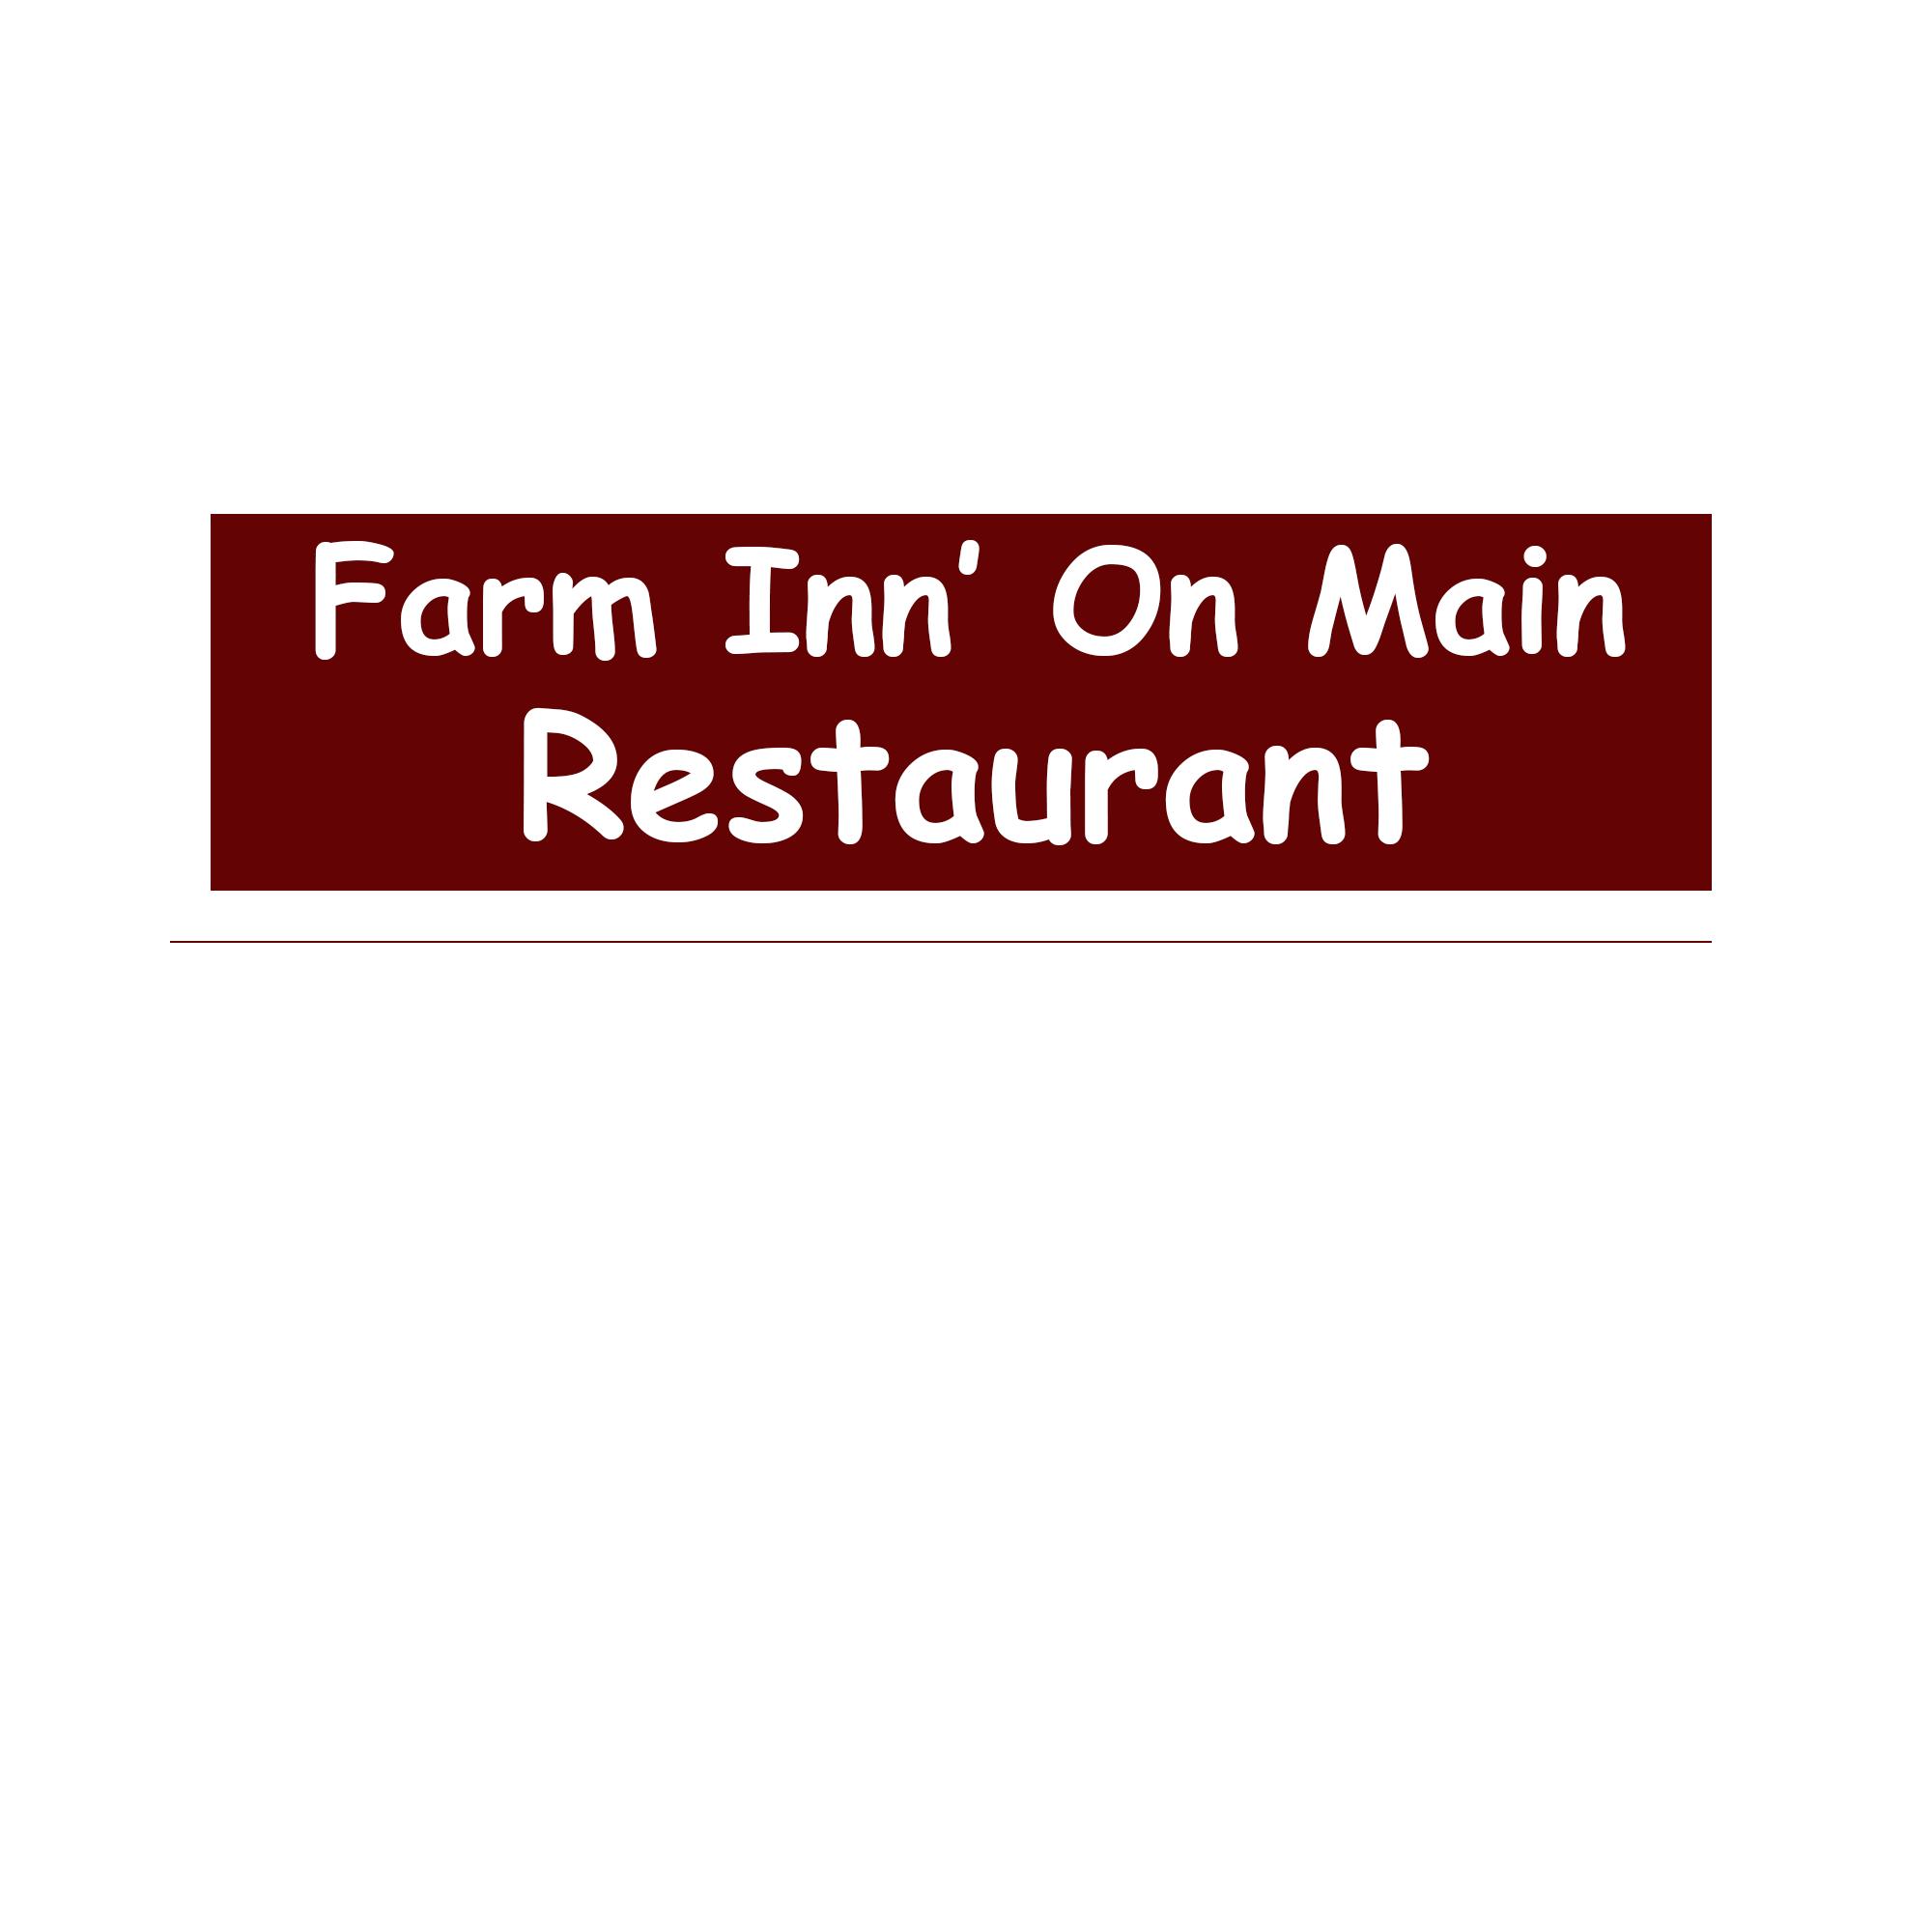 Farm Inn' On Main